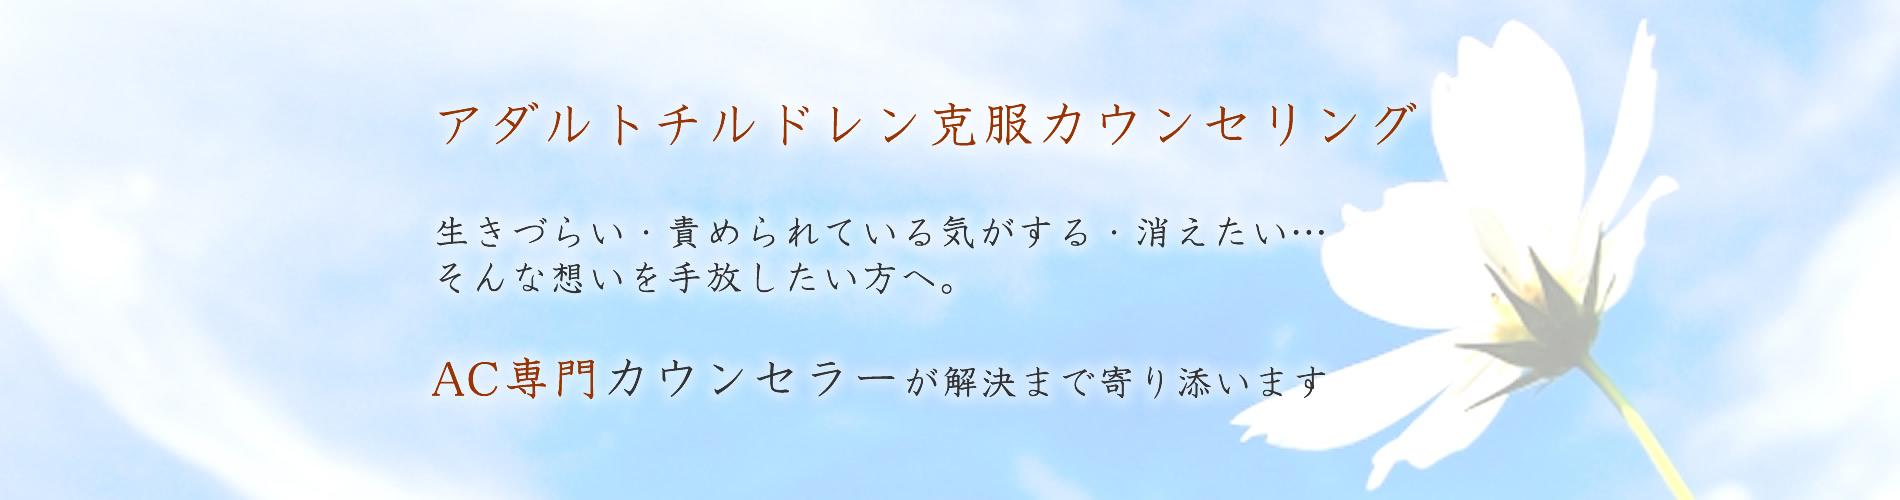 アダルトチルドレン専門カウンセリング(京都)「ひとりで悩む前に」